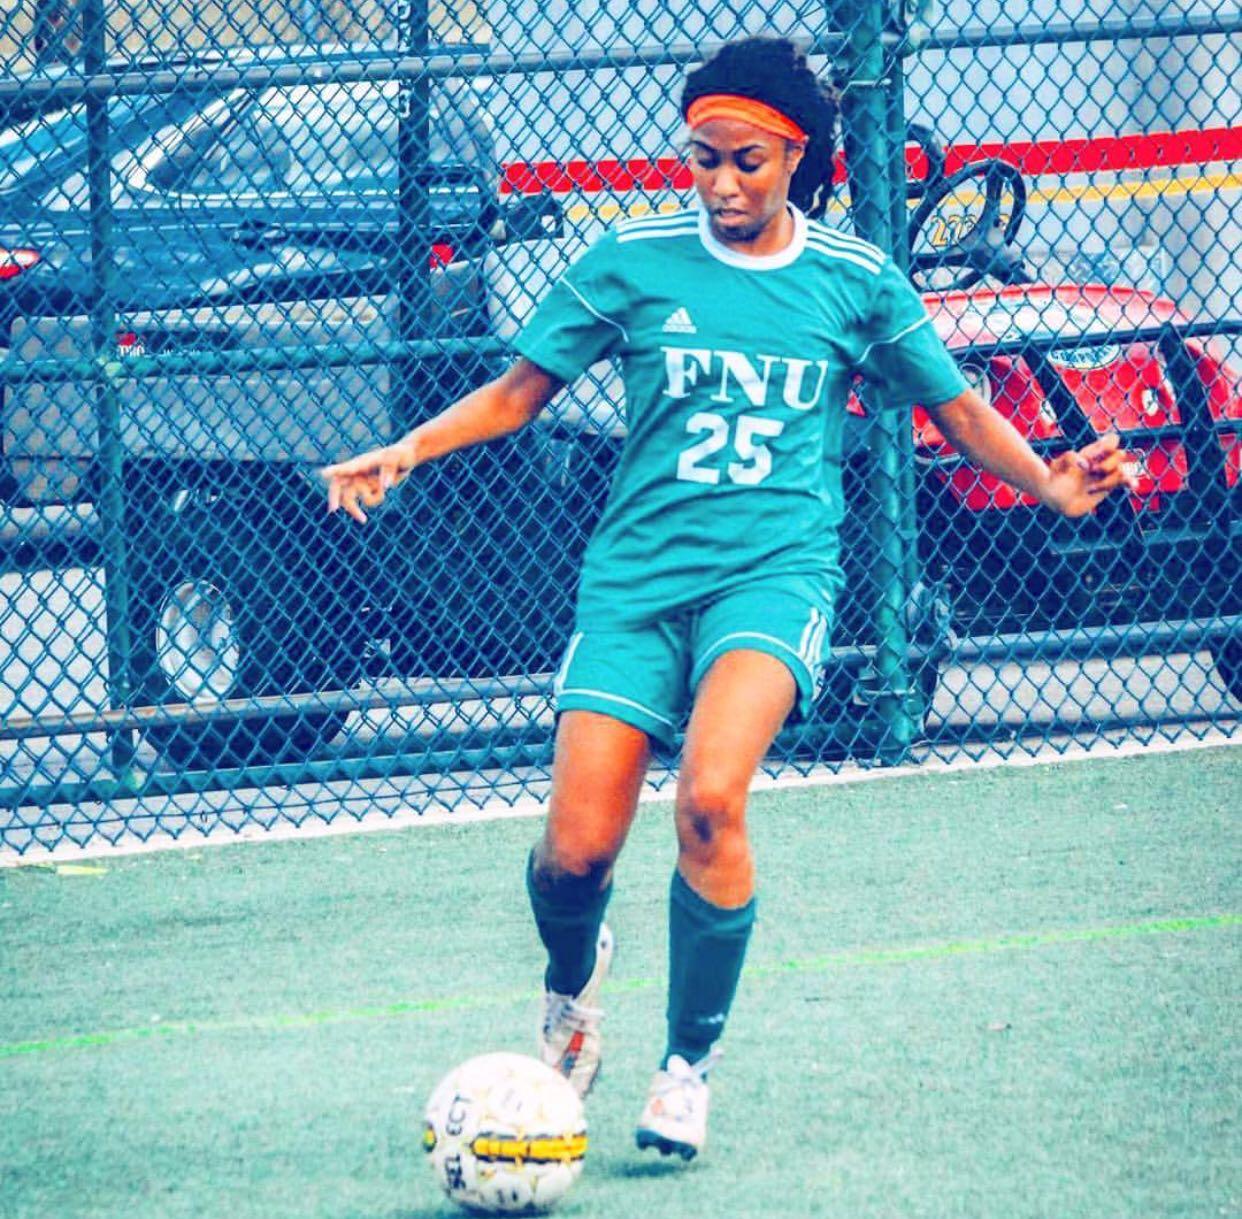 Fnu women soccer